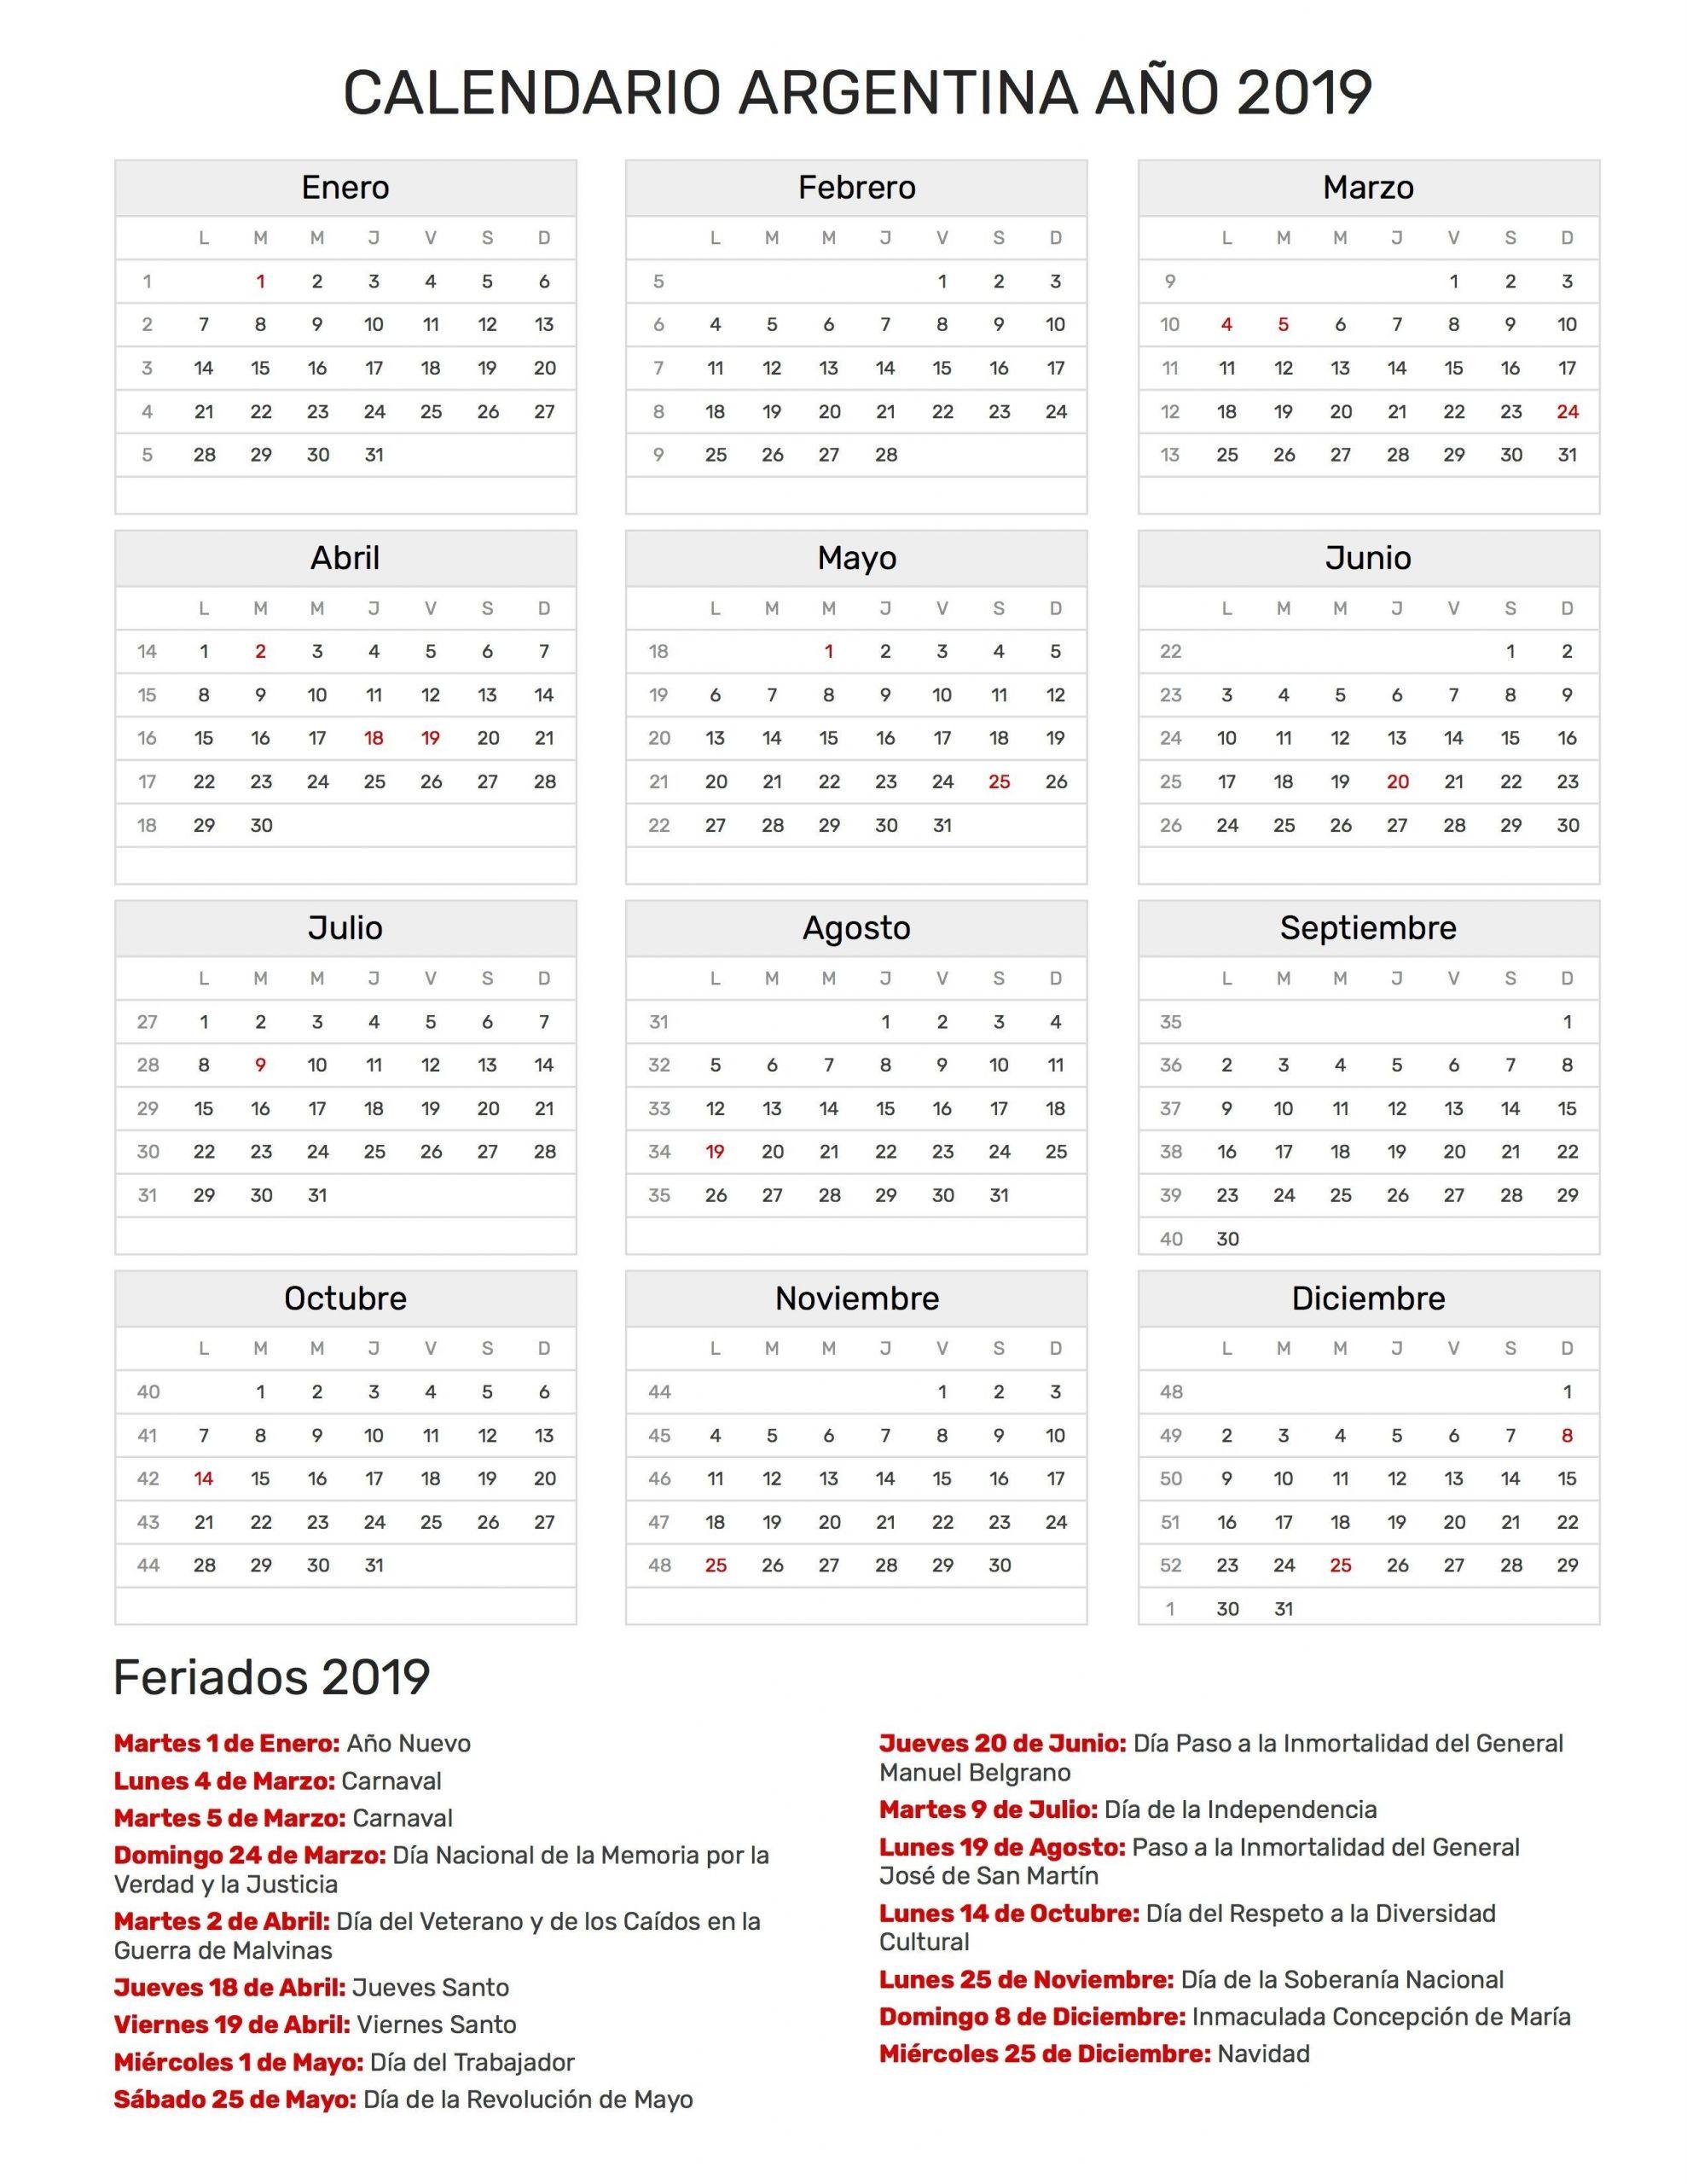 imagen calendario 2019 colombia mas populares calendario diciembre de 2019 53ld calendario t of imagen calendario 2019 colombia